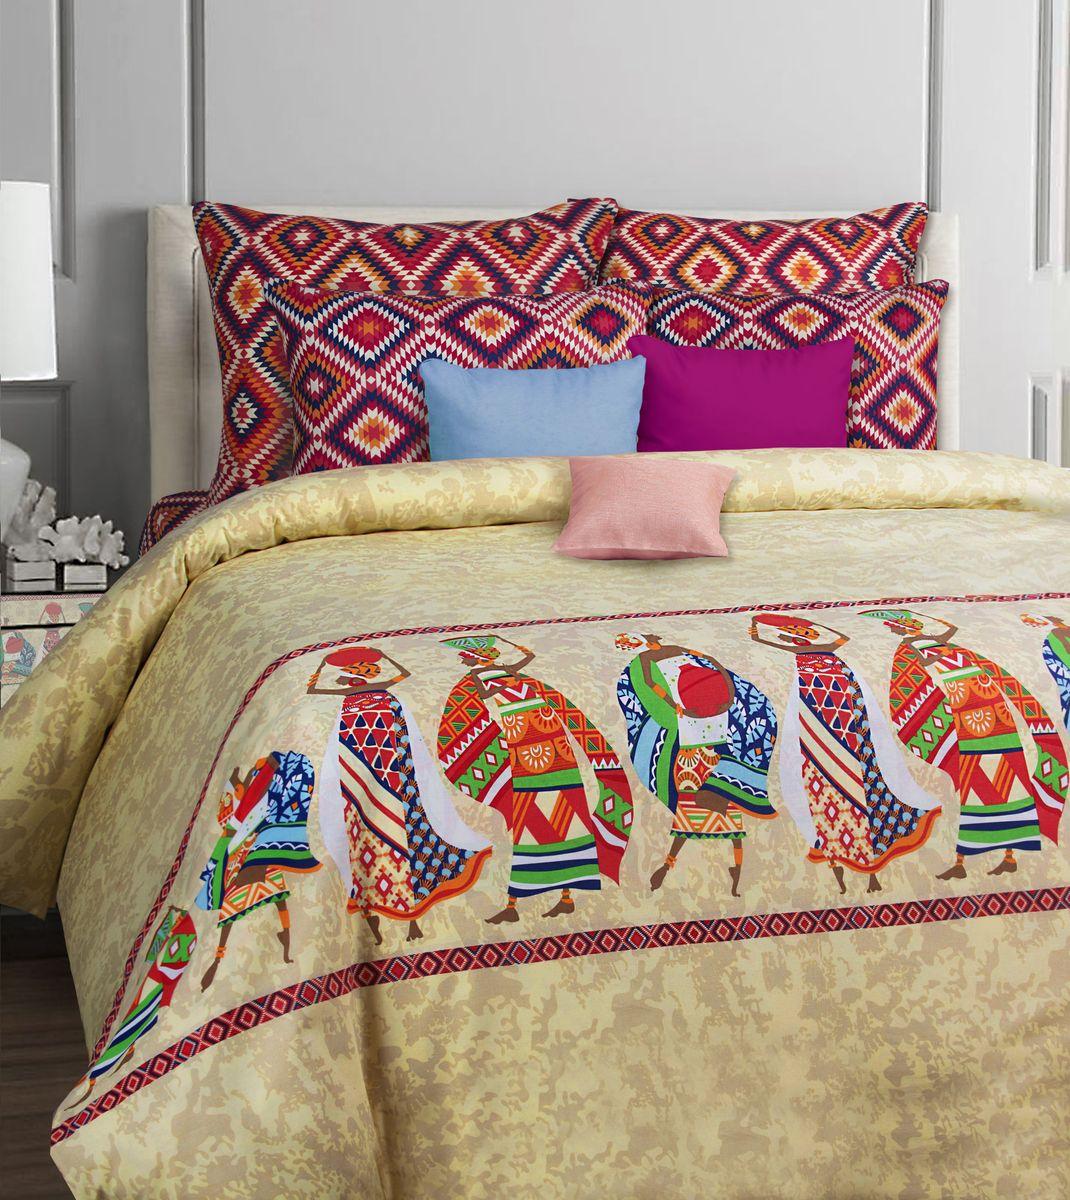 Комплект постельного белья Mona Liza Classik. Afrika, евро, наволочки 70х70, бязь552109/44Коллекция постельного белья MONA LIZA Classic поражает многообразием дизайнов. Среди них легко подобрать необходимый рисунок, который создаст в доме уют. Комплекты выполнены из бязи 100 % хлопка.